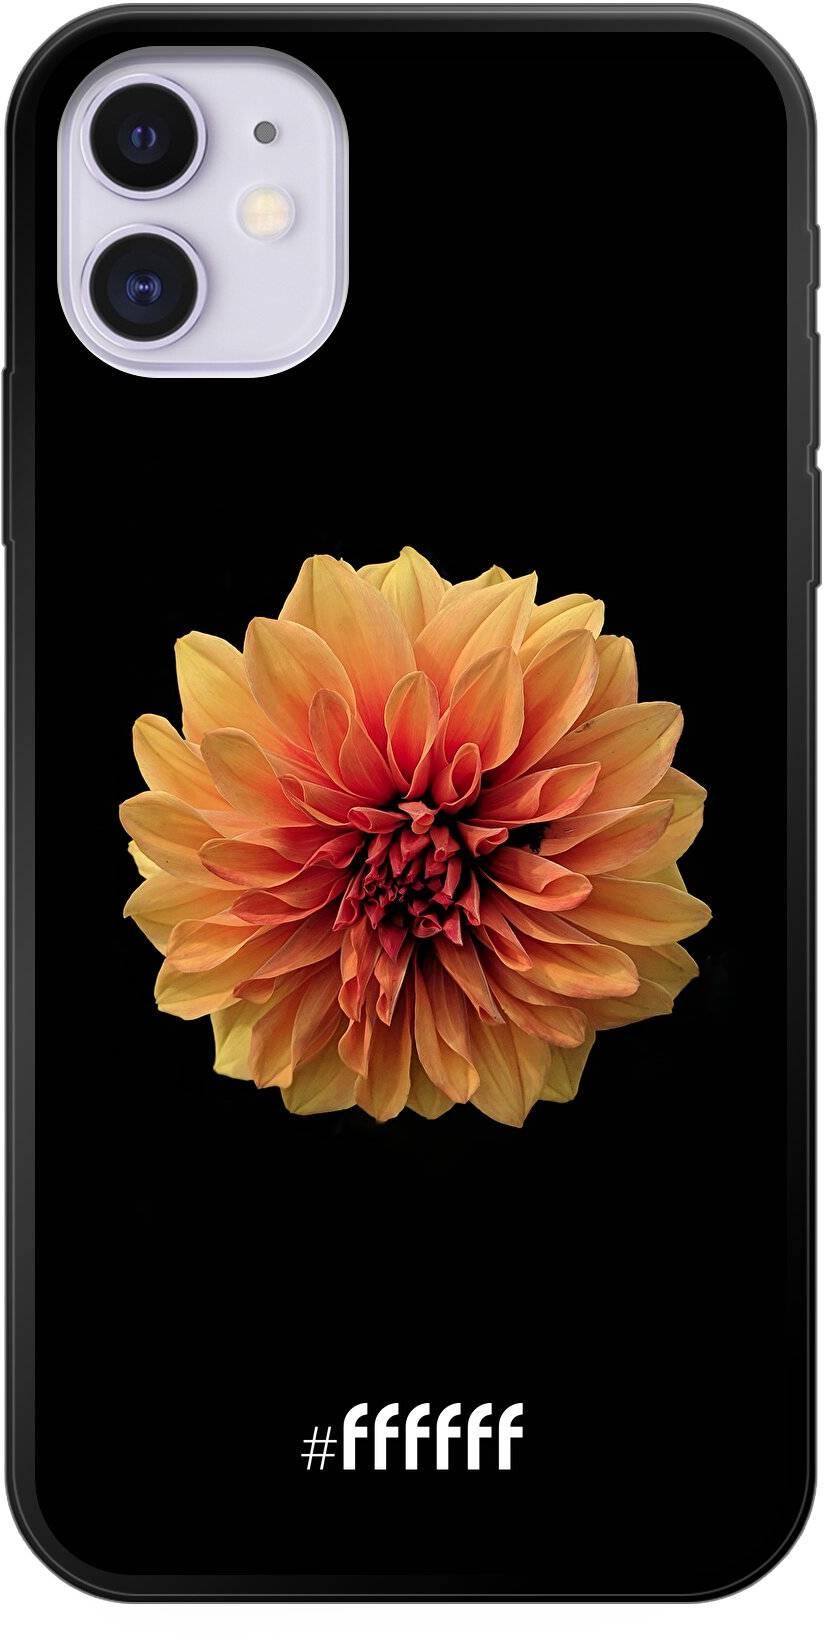 Butterscotch Blossom iPhone 11